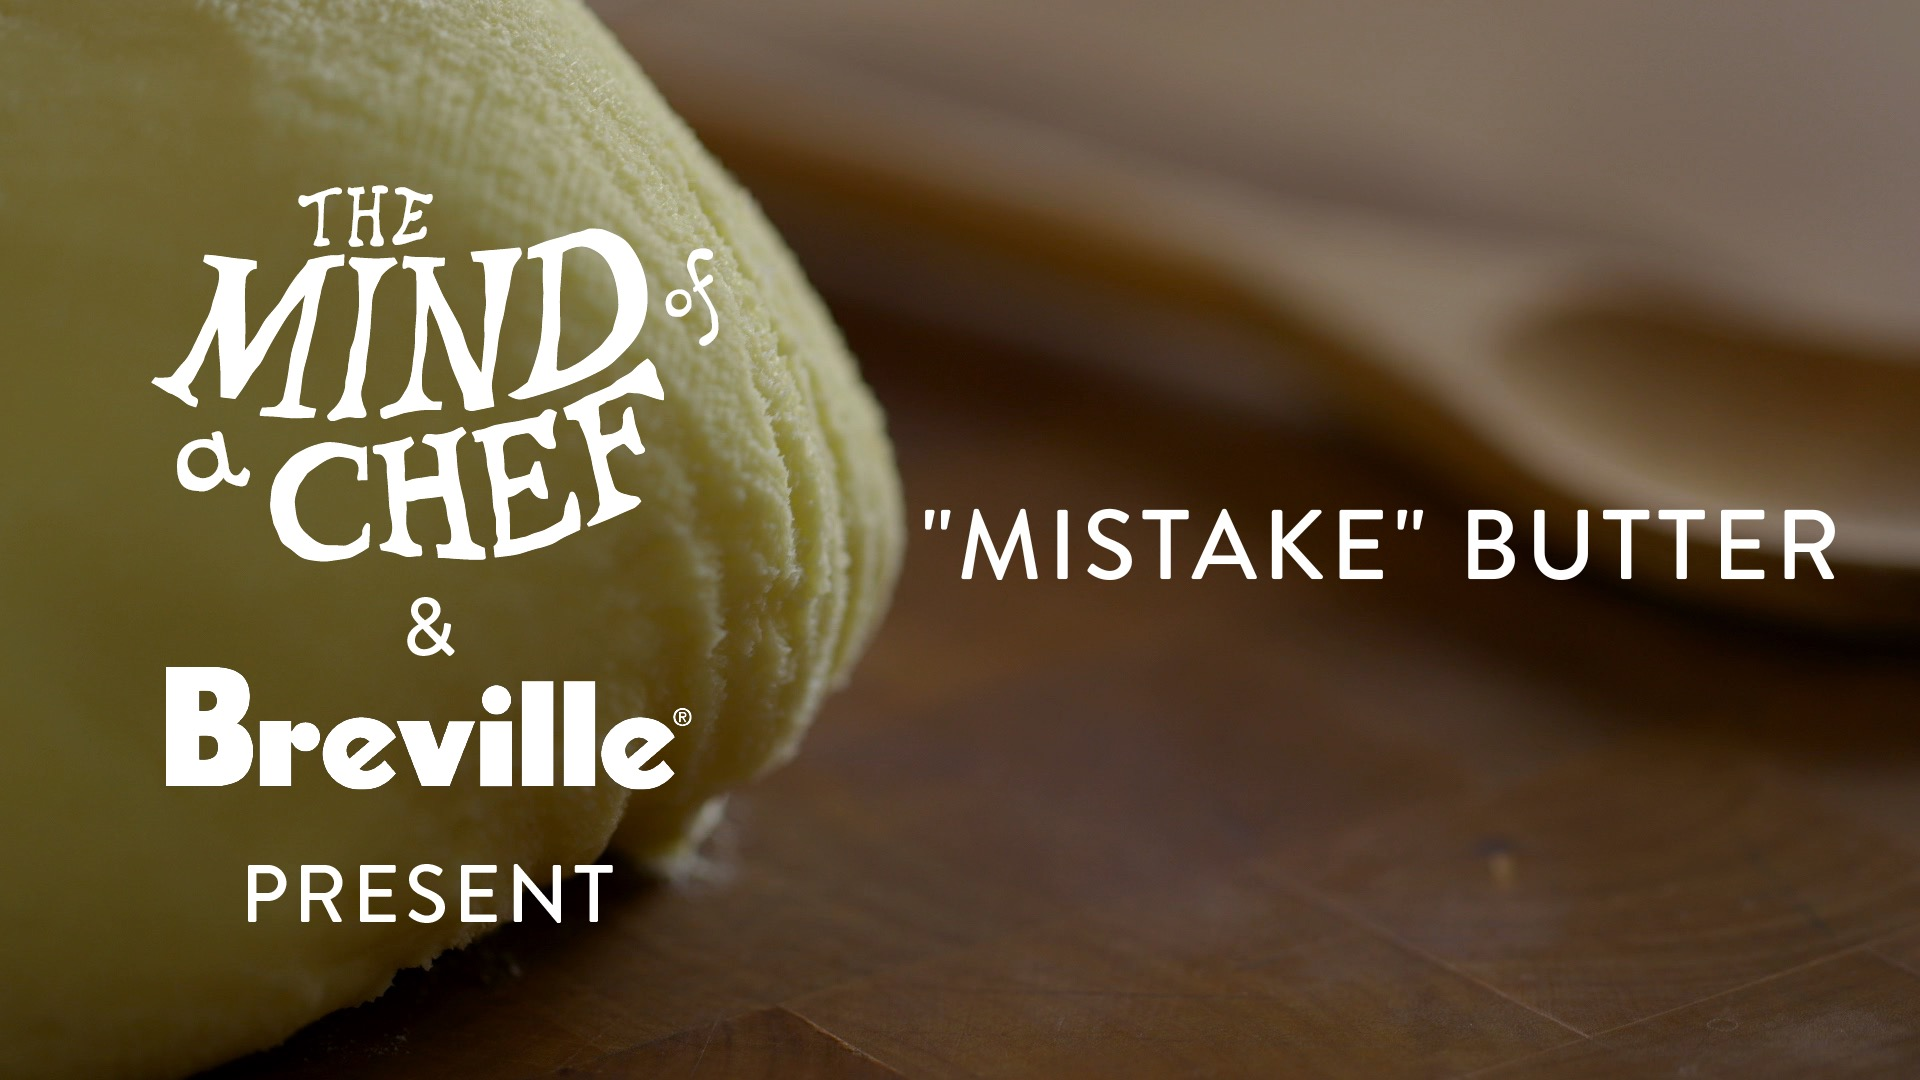 Mistake-Butter_Thumbnail_V1_Fotor.jpg